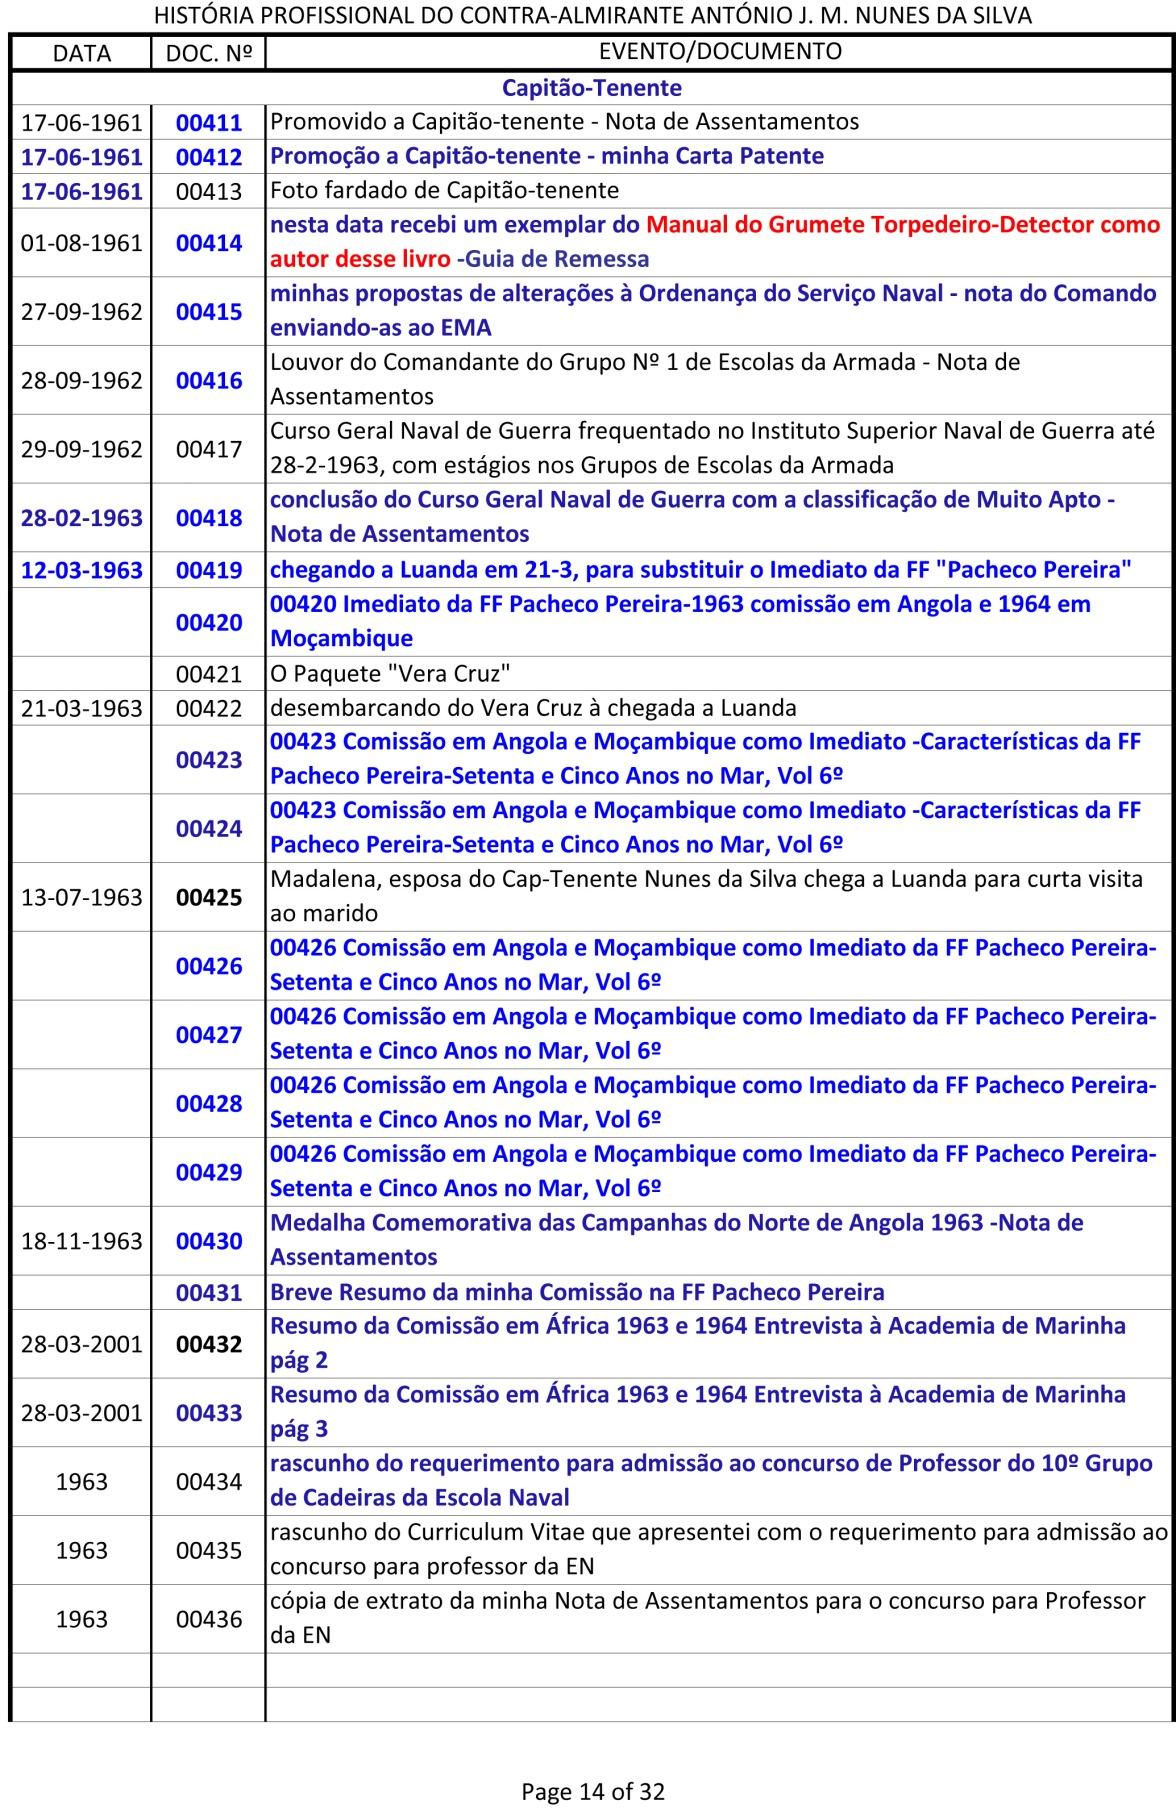 Índice dos documentos da História Profissional do CAlm Nunes da Silva -1943 a 1991-14